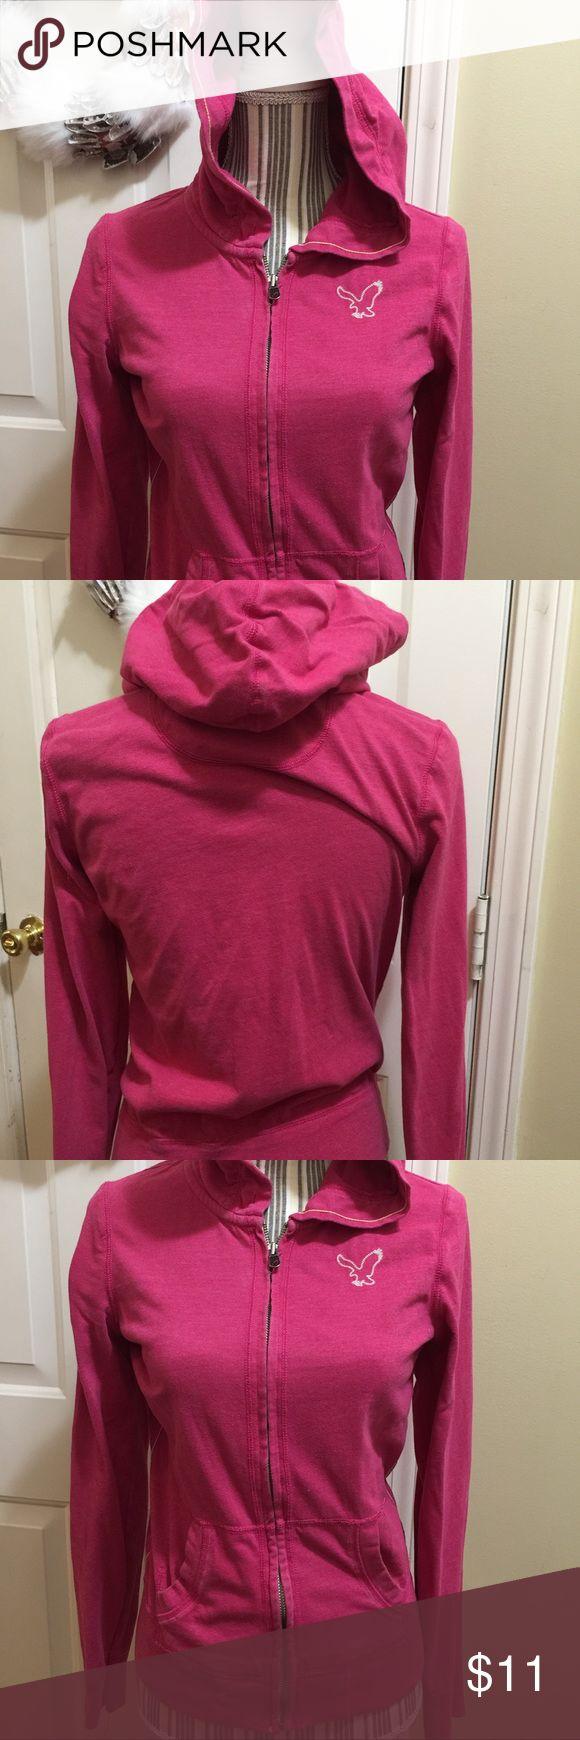 American Eagle Zip Up Hoodie Jacket Love American Eagle 💜 Size Medium American Eagle Outfitters Tops Sweatshirts & Hoodies